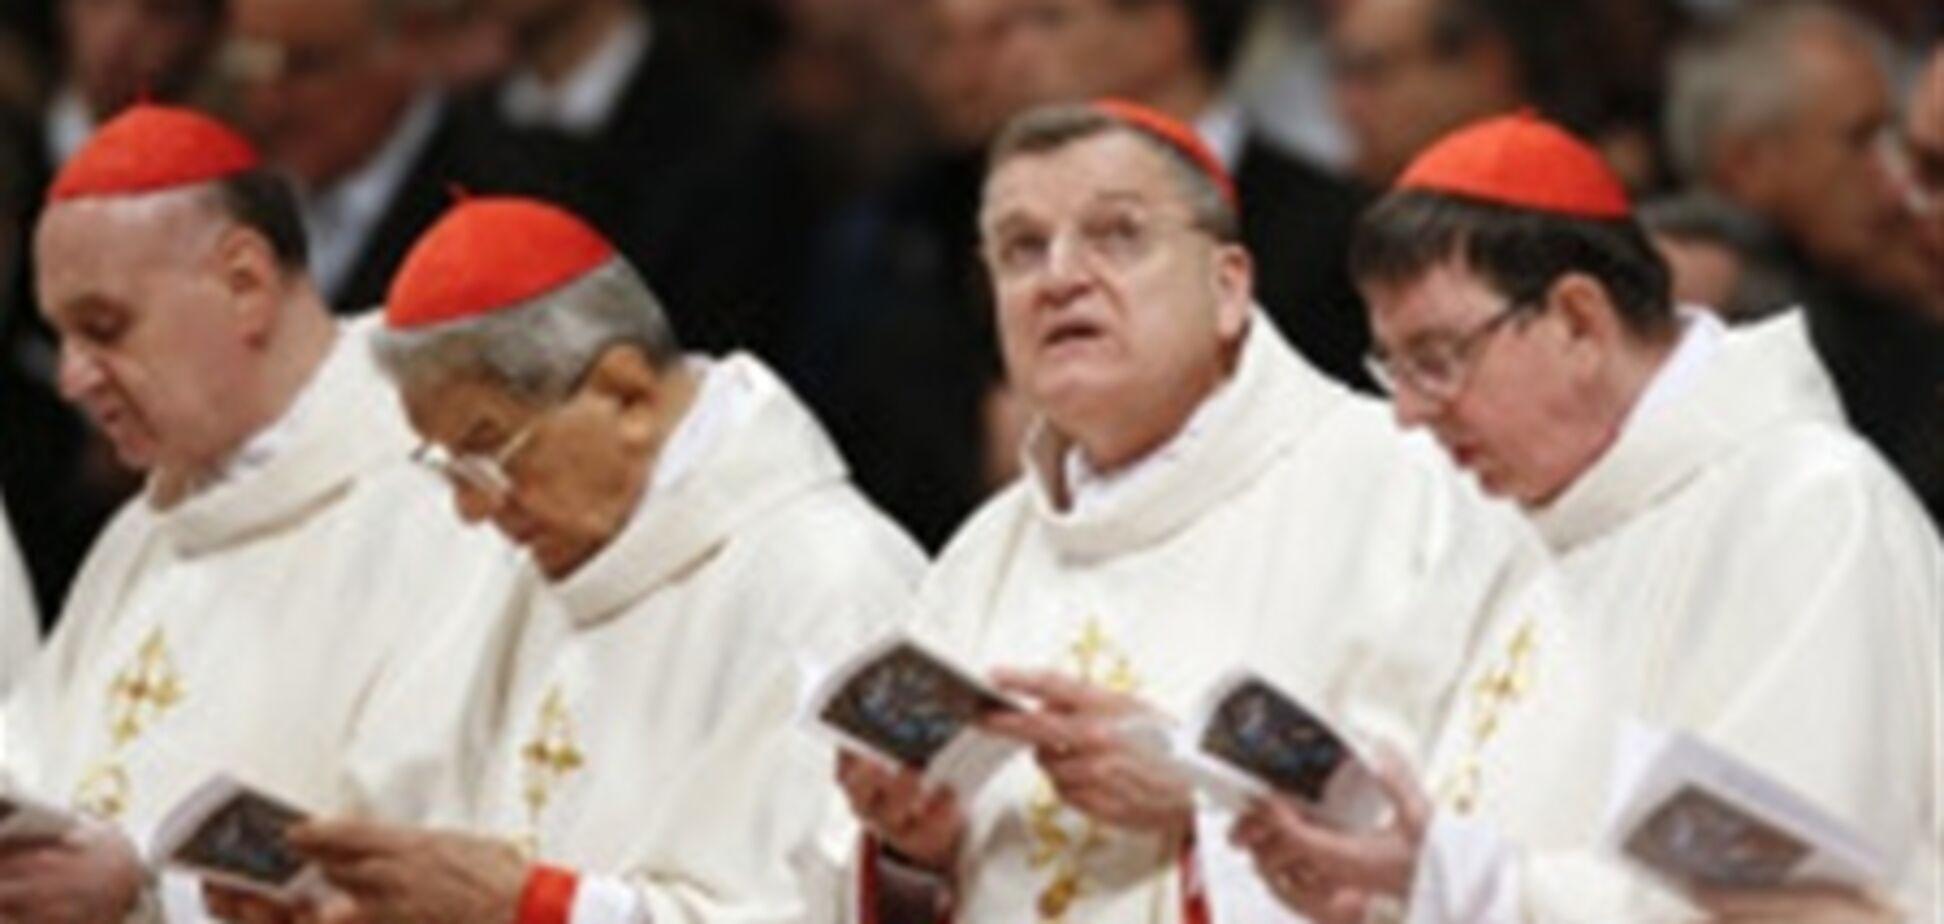 Ватикан визнав, що скопіював біографії кардиналів з Вікіпедії